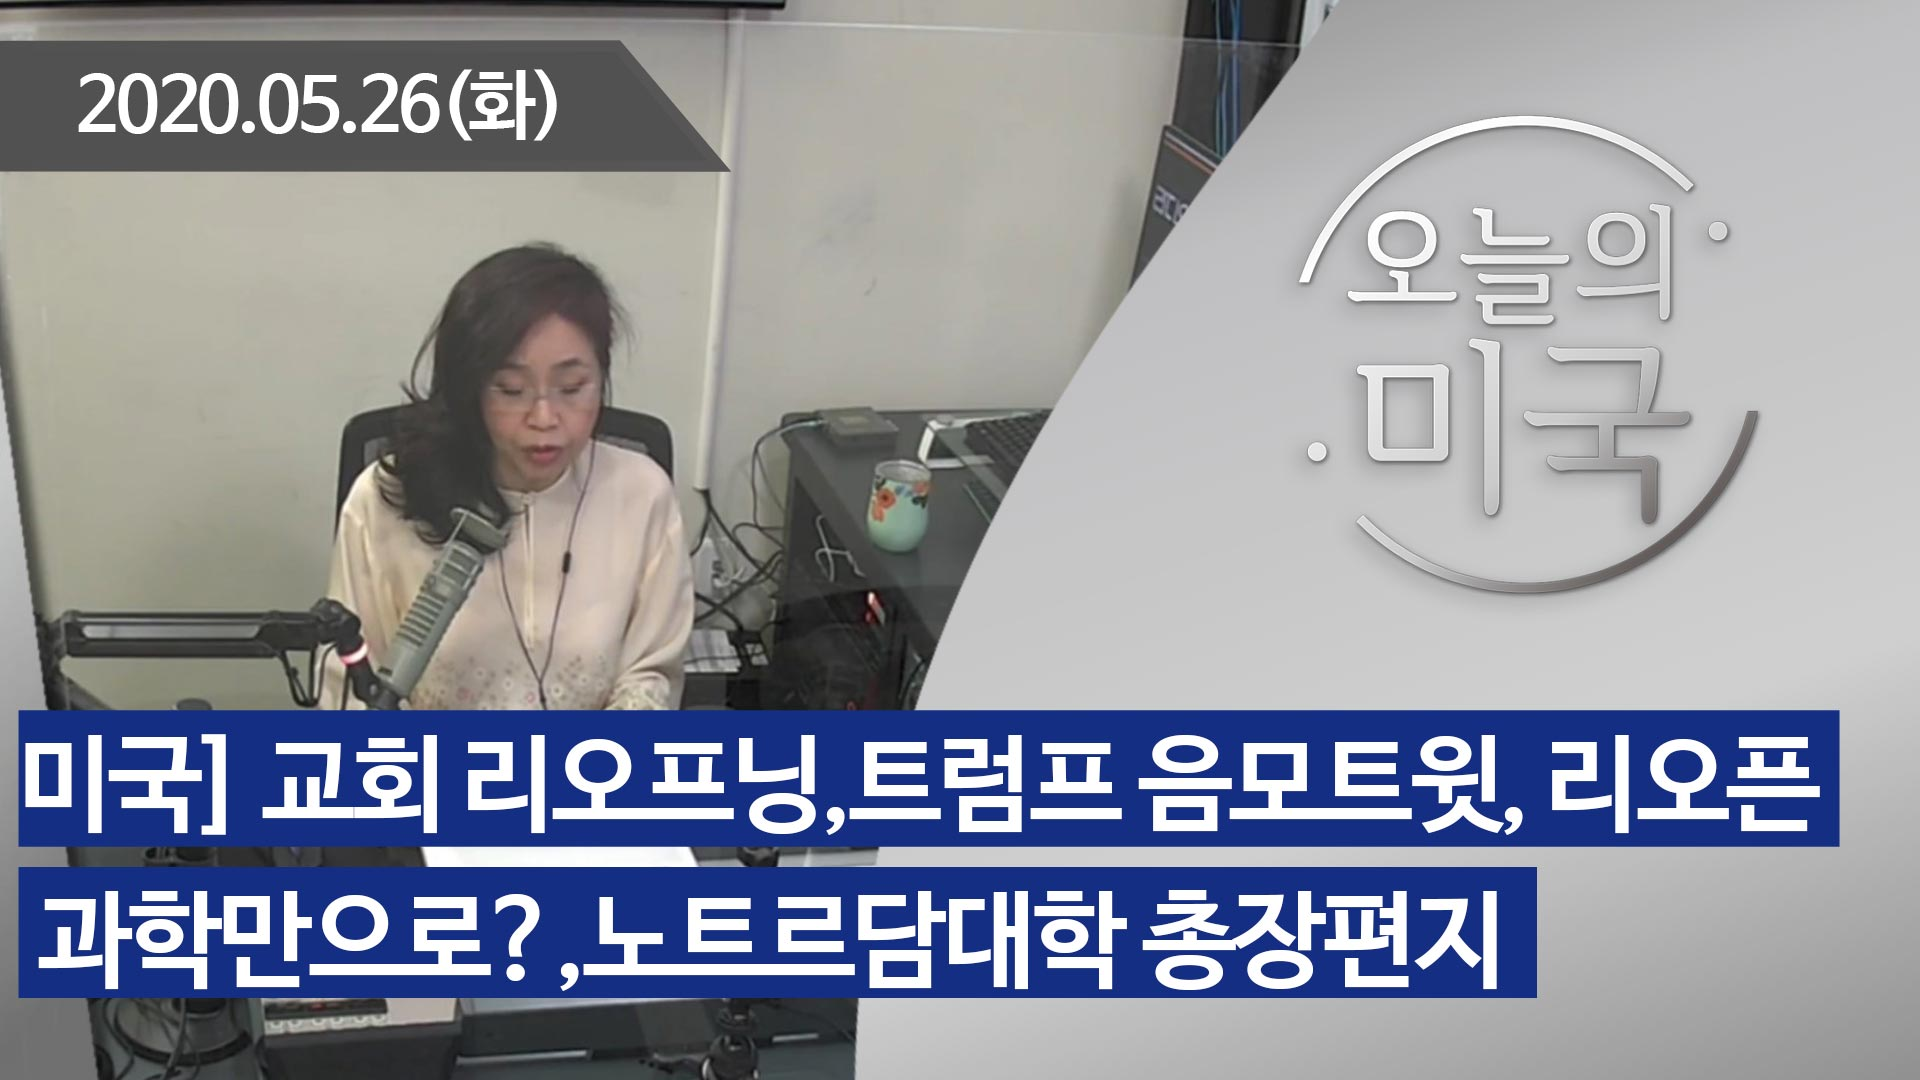 강혜신의 오늘의 미국 (05.26.2020)